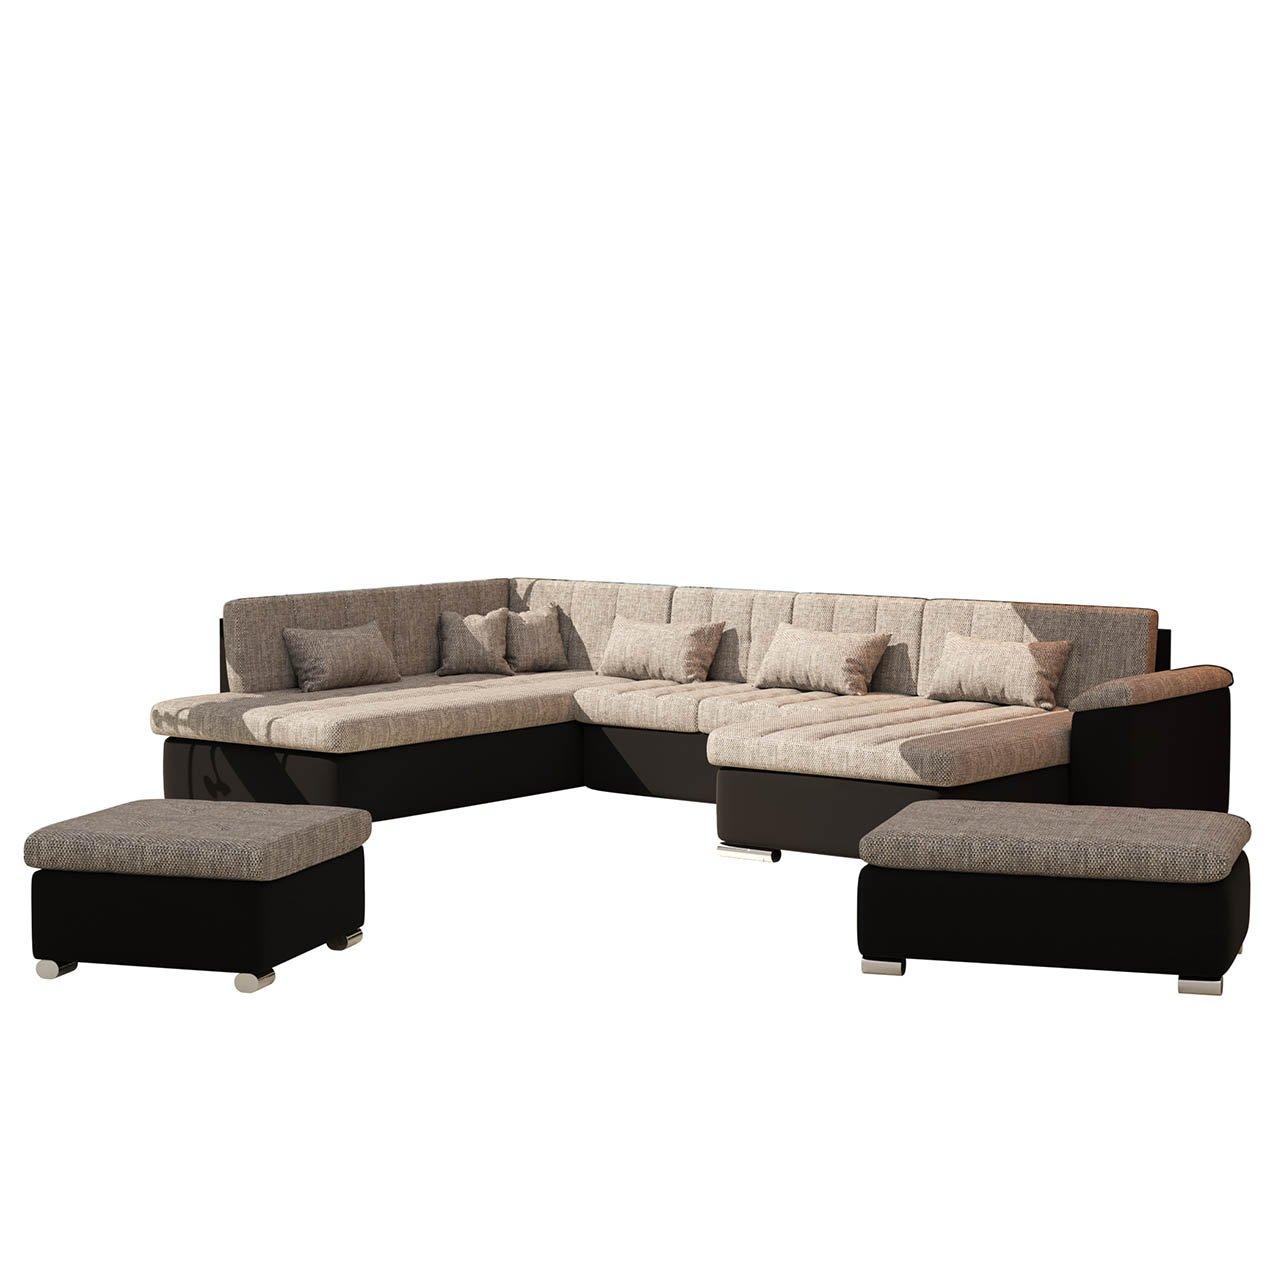 Emejing wohnzimmer sofa mit schlaffunktion pictures for Billige ecksofas mit schlaffunktion